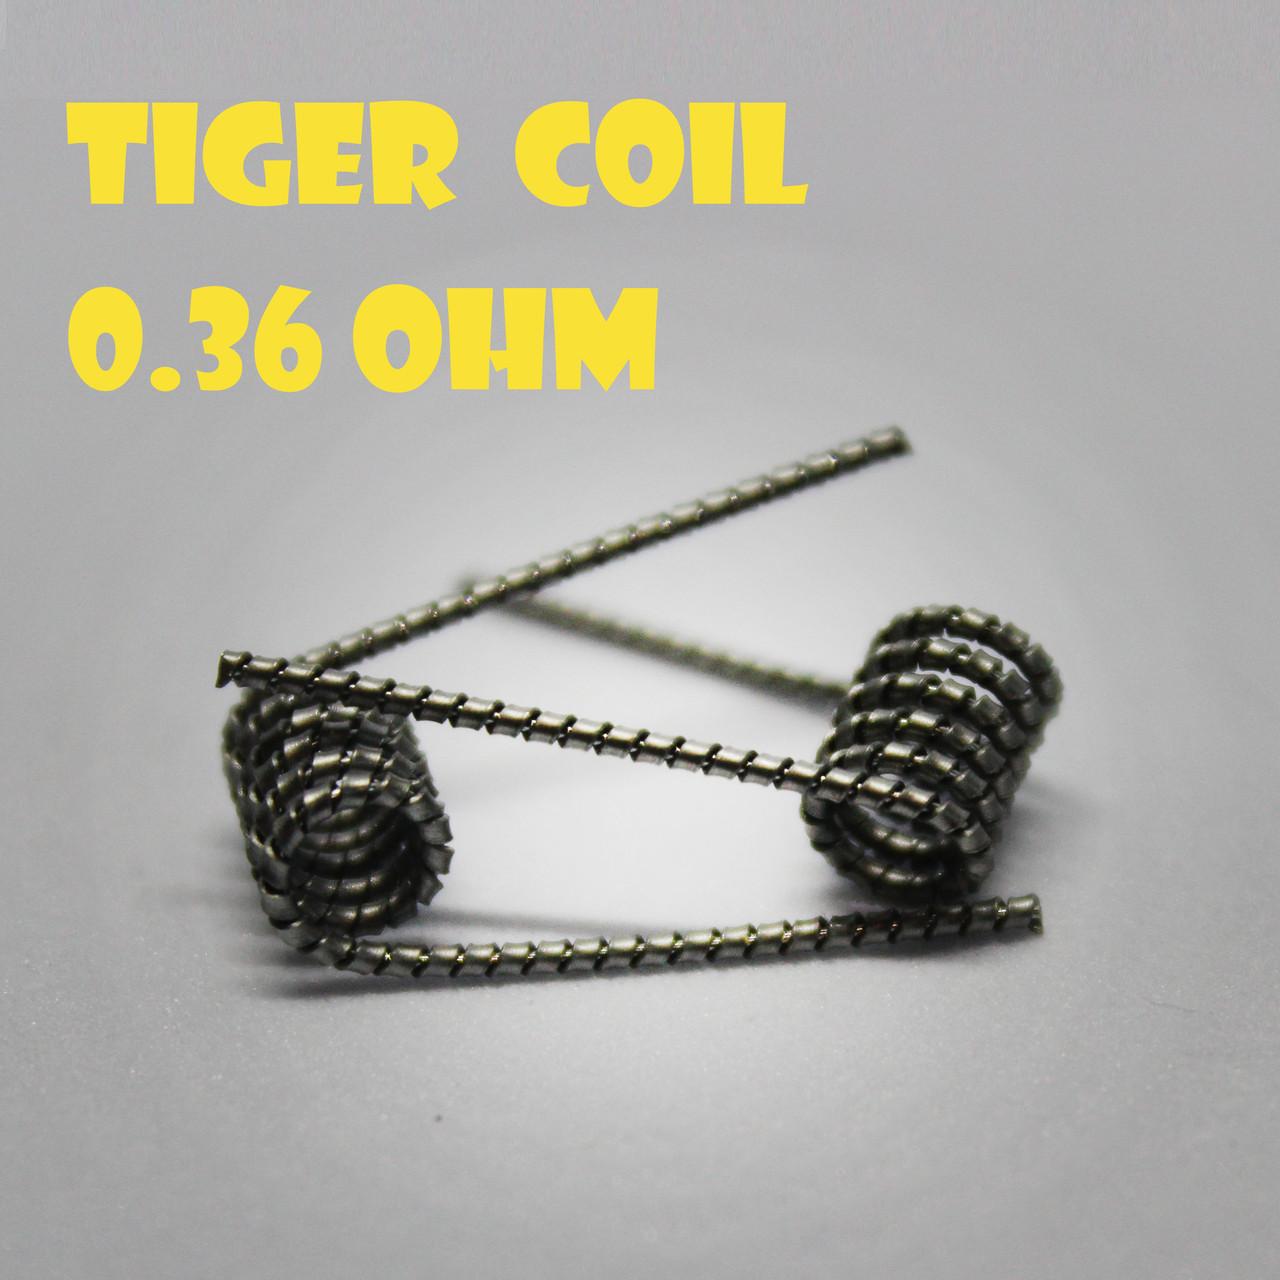 Tiger coil Готовая спираль 0.36 ohm пара